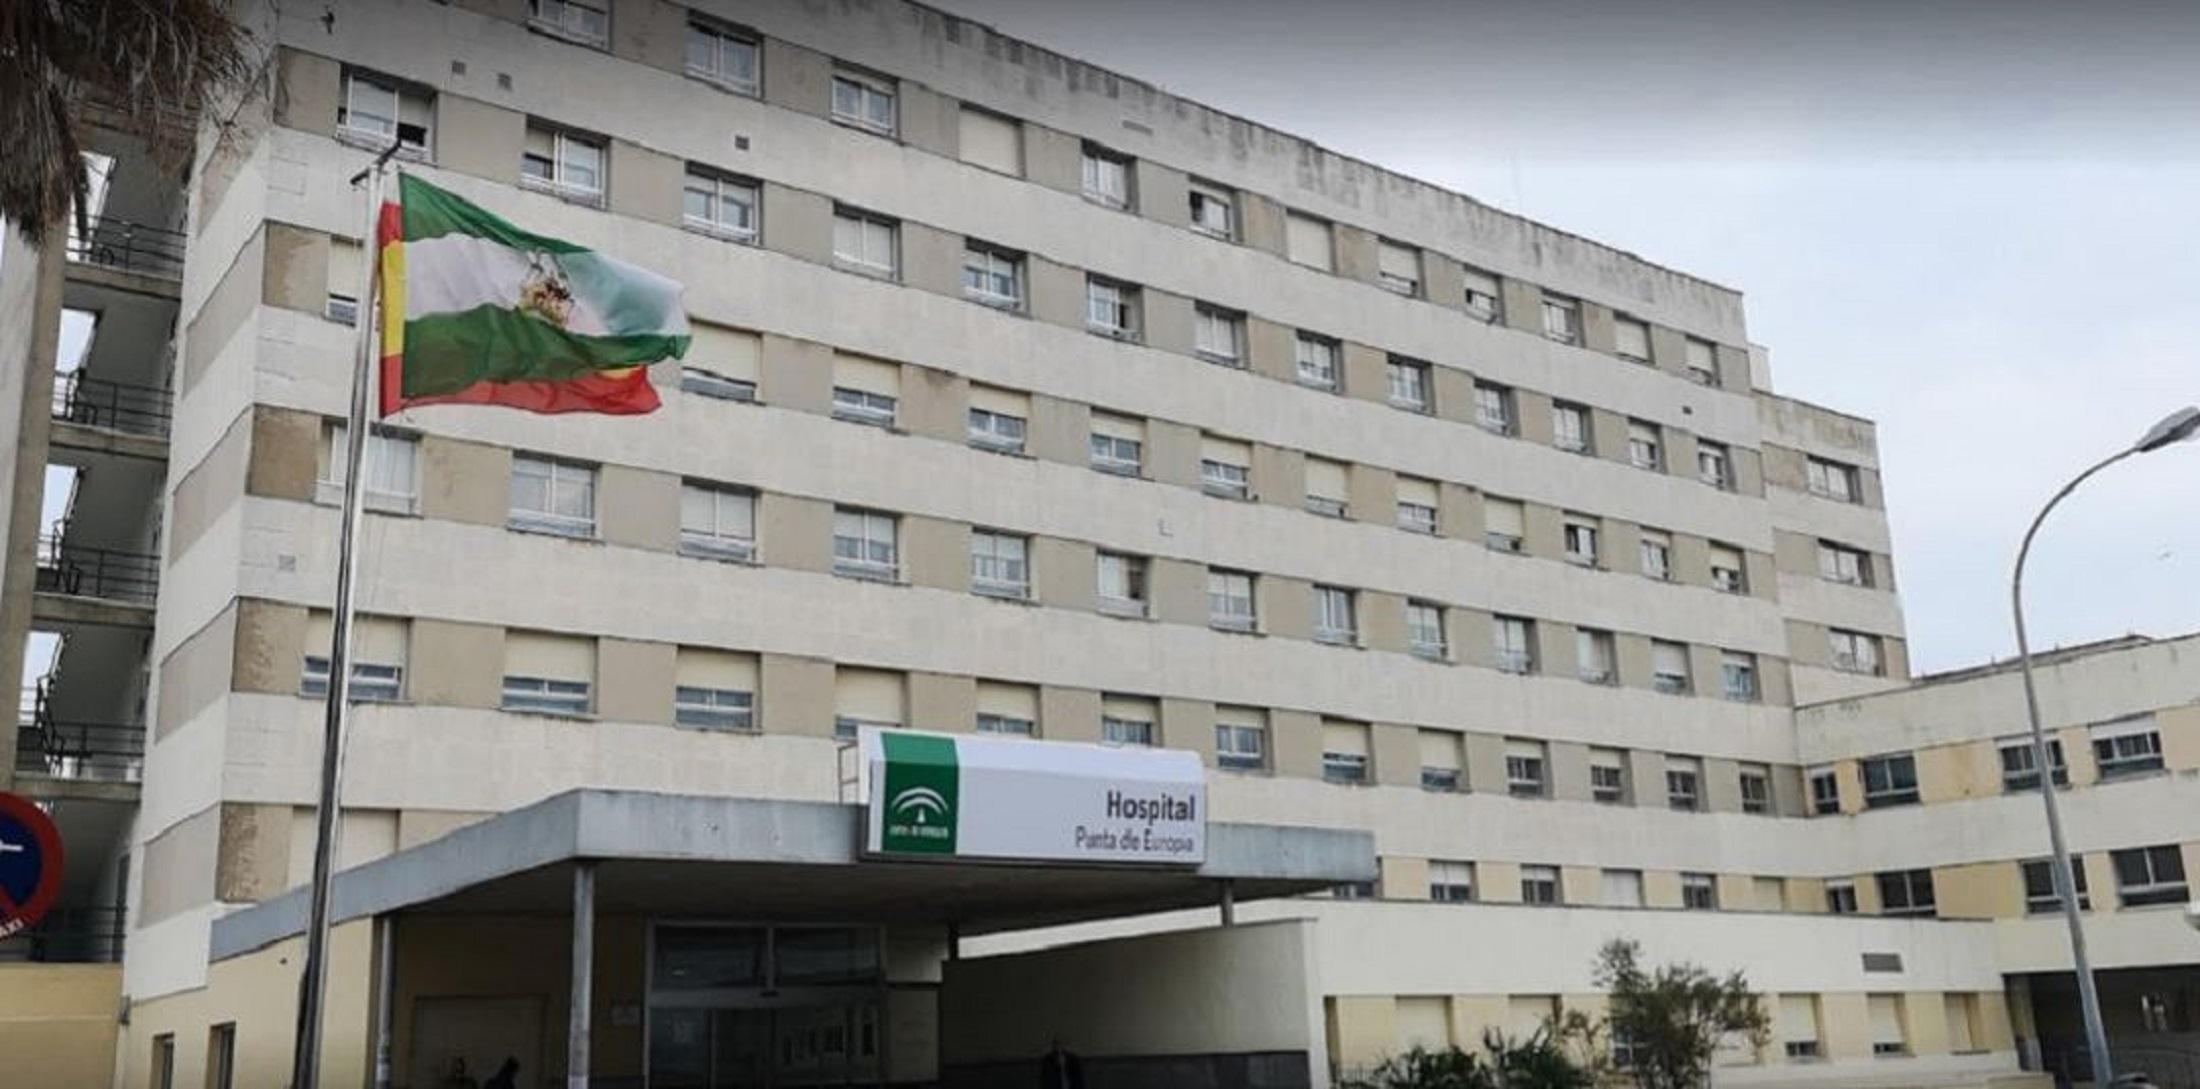 Este lunes arranca el reasfaltado del Hospital Punta Europa de Algeciras